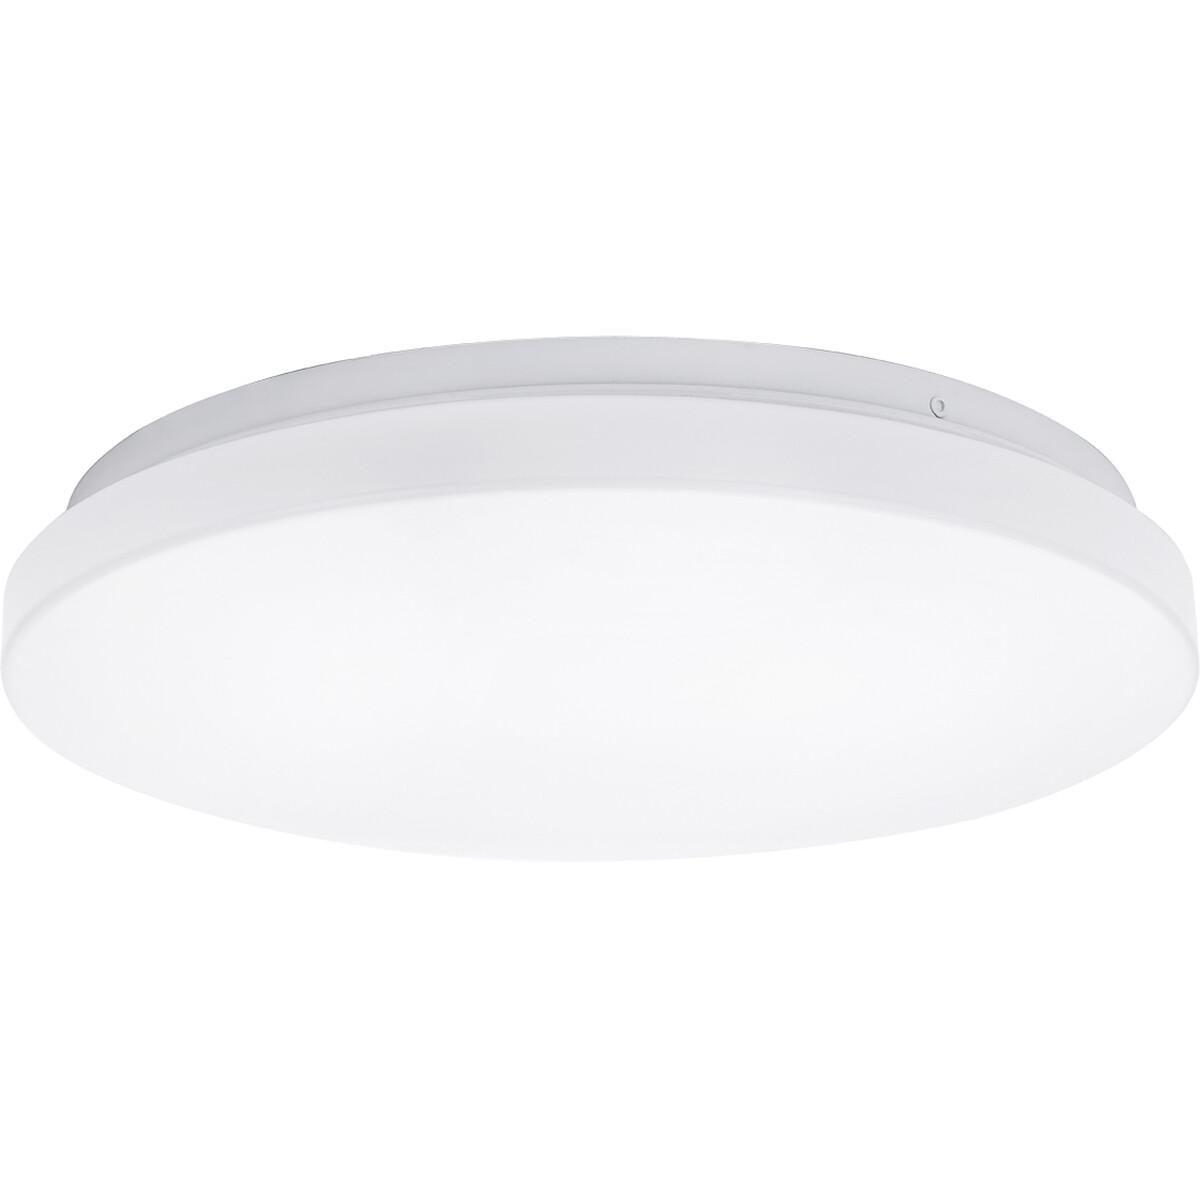 LED Plafondlamp - Aigi Syna - Opbouw Rond 24W - Natuurlijk Wit 4000K - Mat Wit - Aluminium